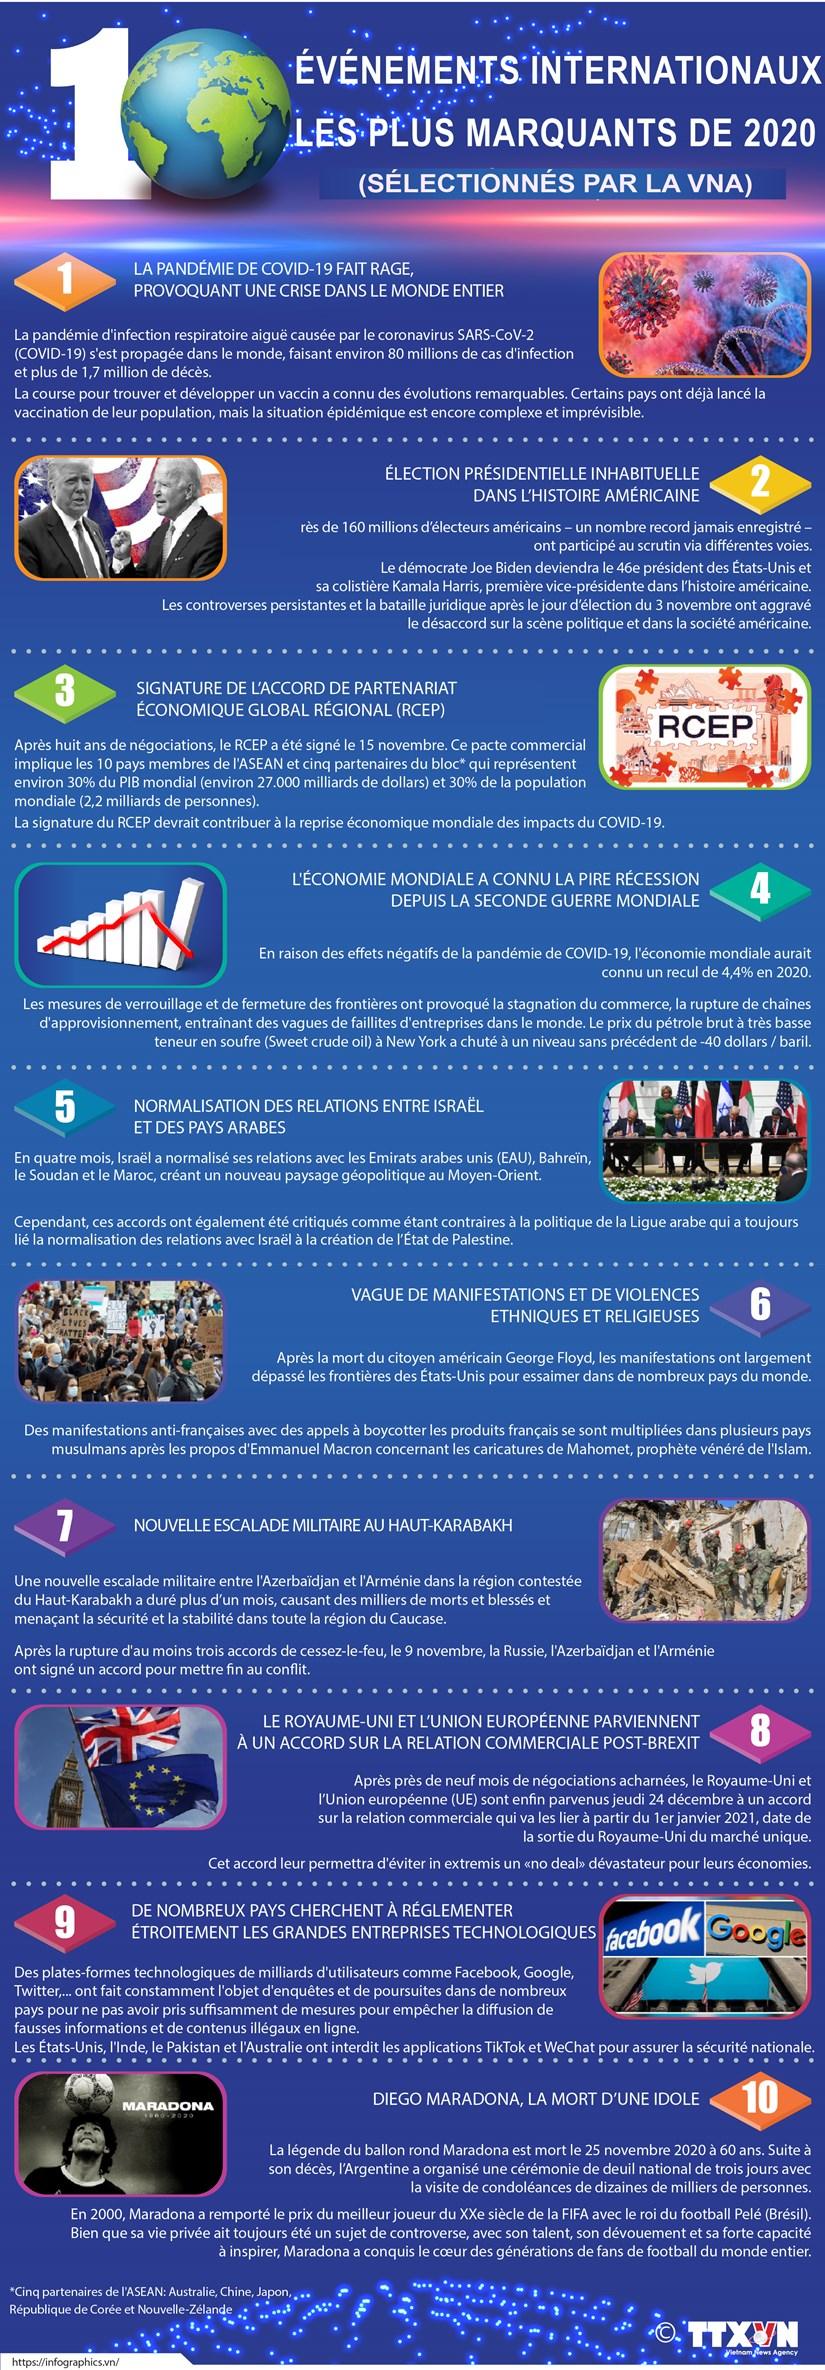 Les dix evenements internationaux les plus marquants de 2020 hinh anh 1